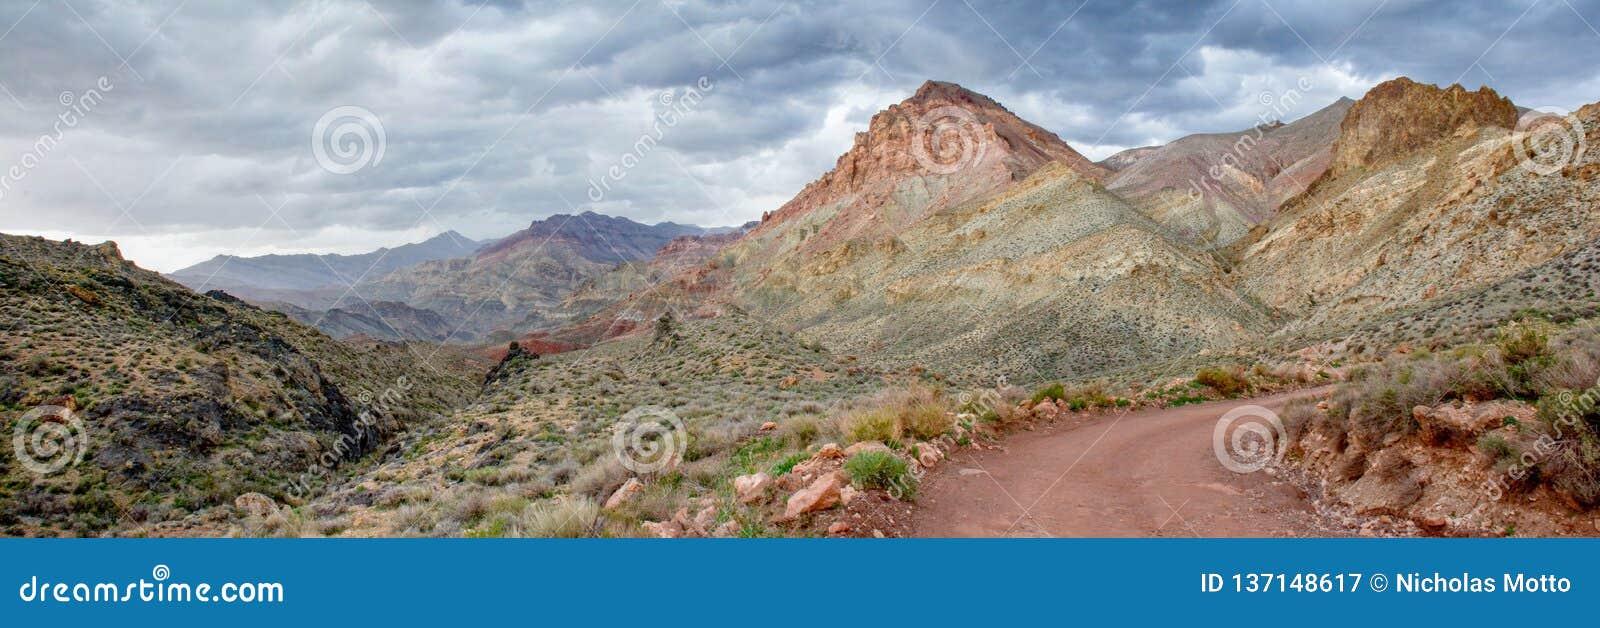 Kanjonpanorama för målad öken